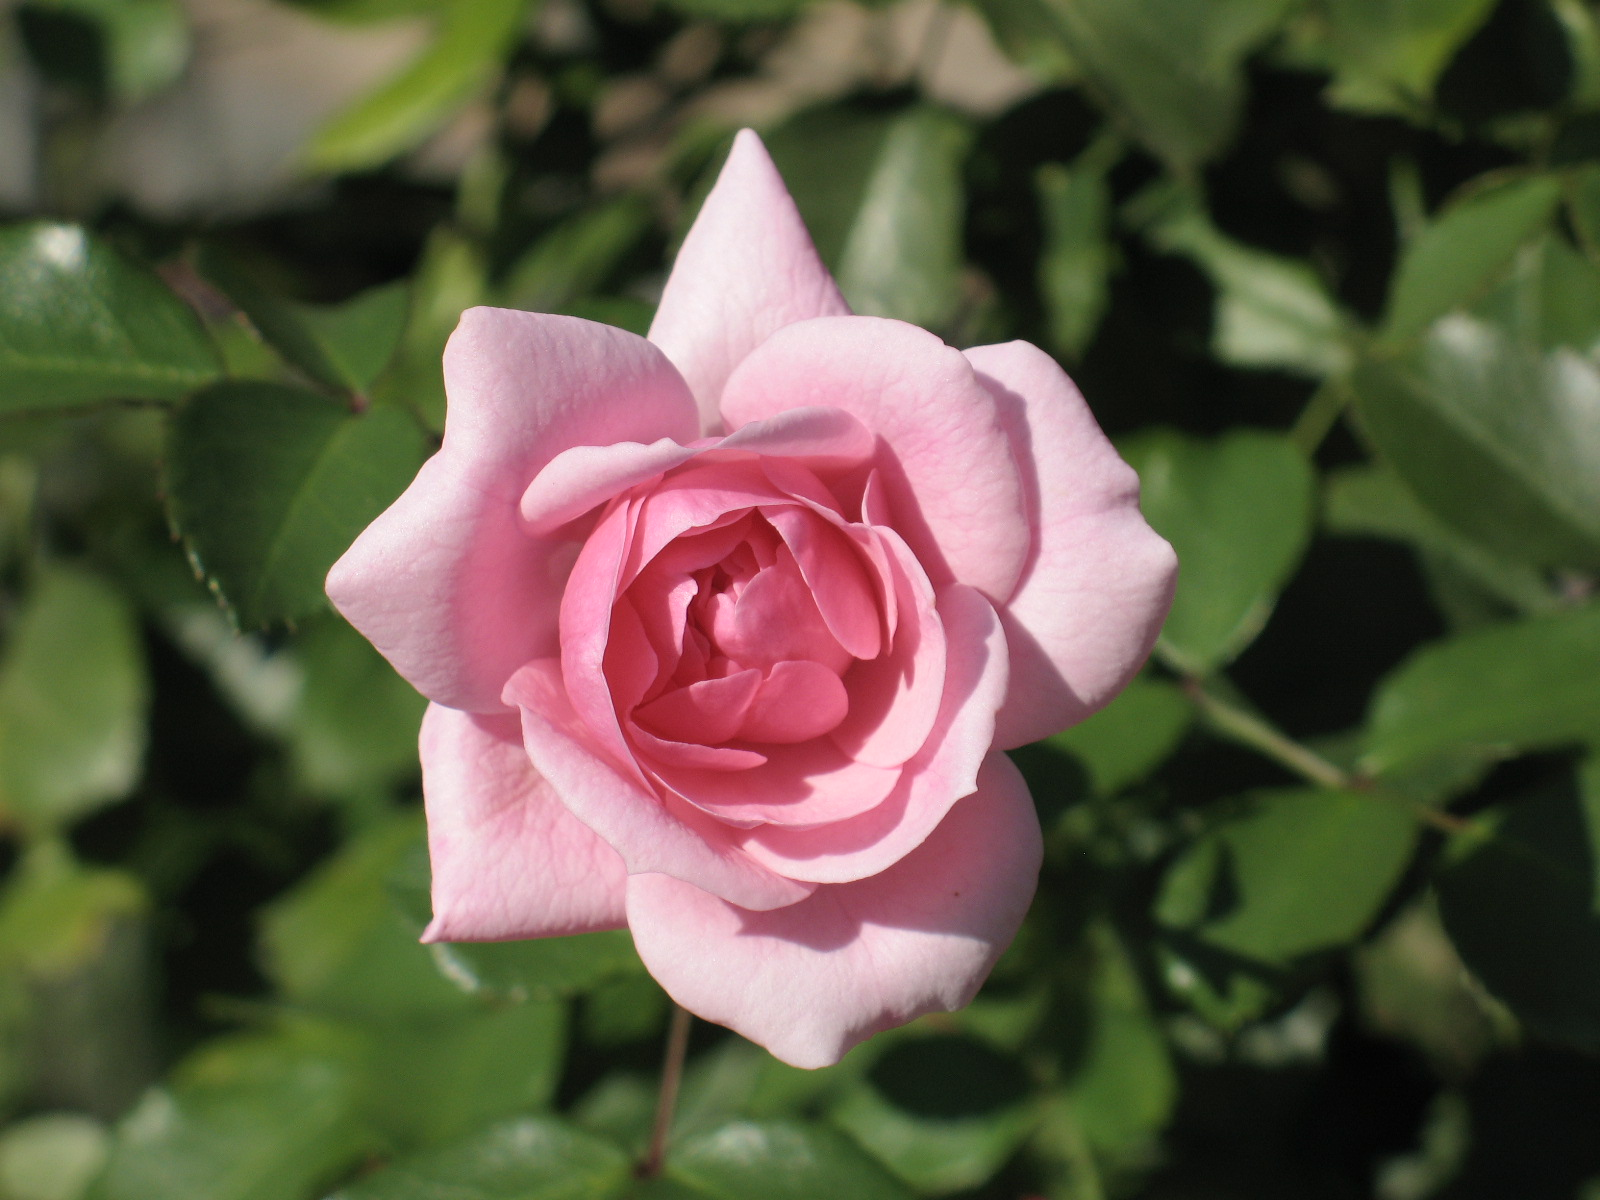 bonica 82 rose rose hall of fame wedding bouquets. Black Bedroom Furniture Sets. Home Design Ideas